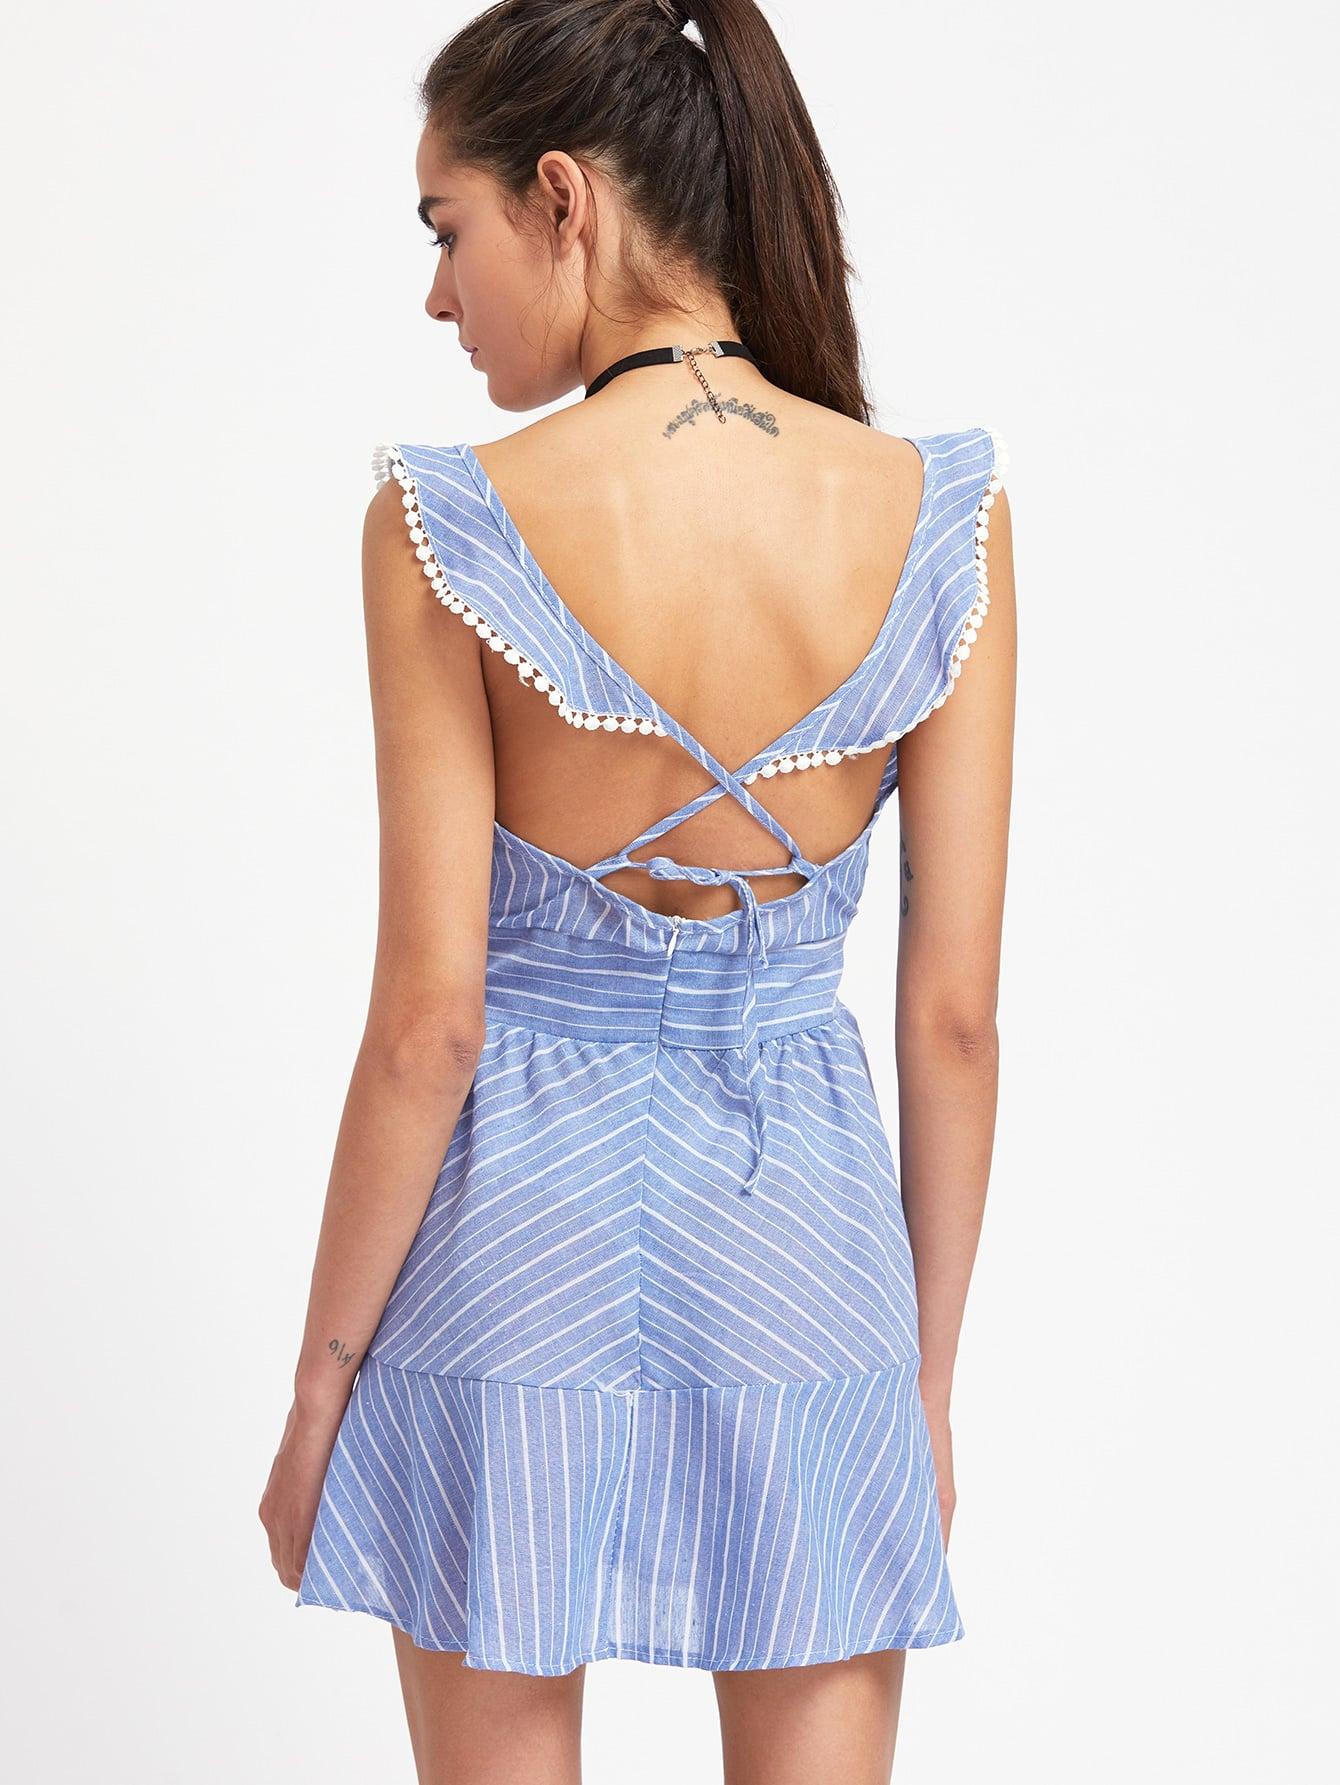 dress170512101_2